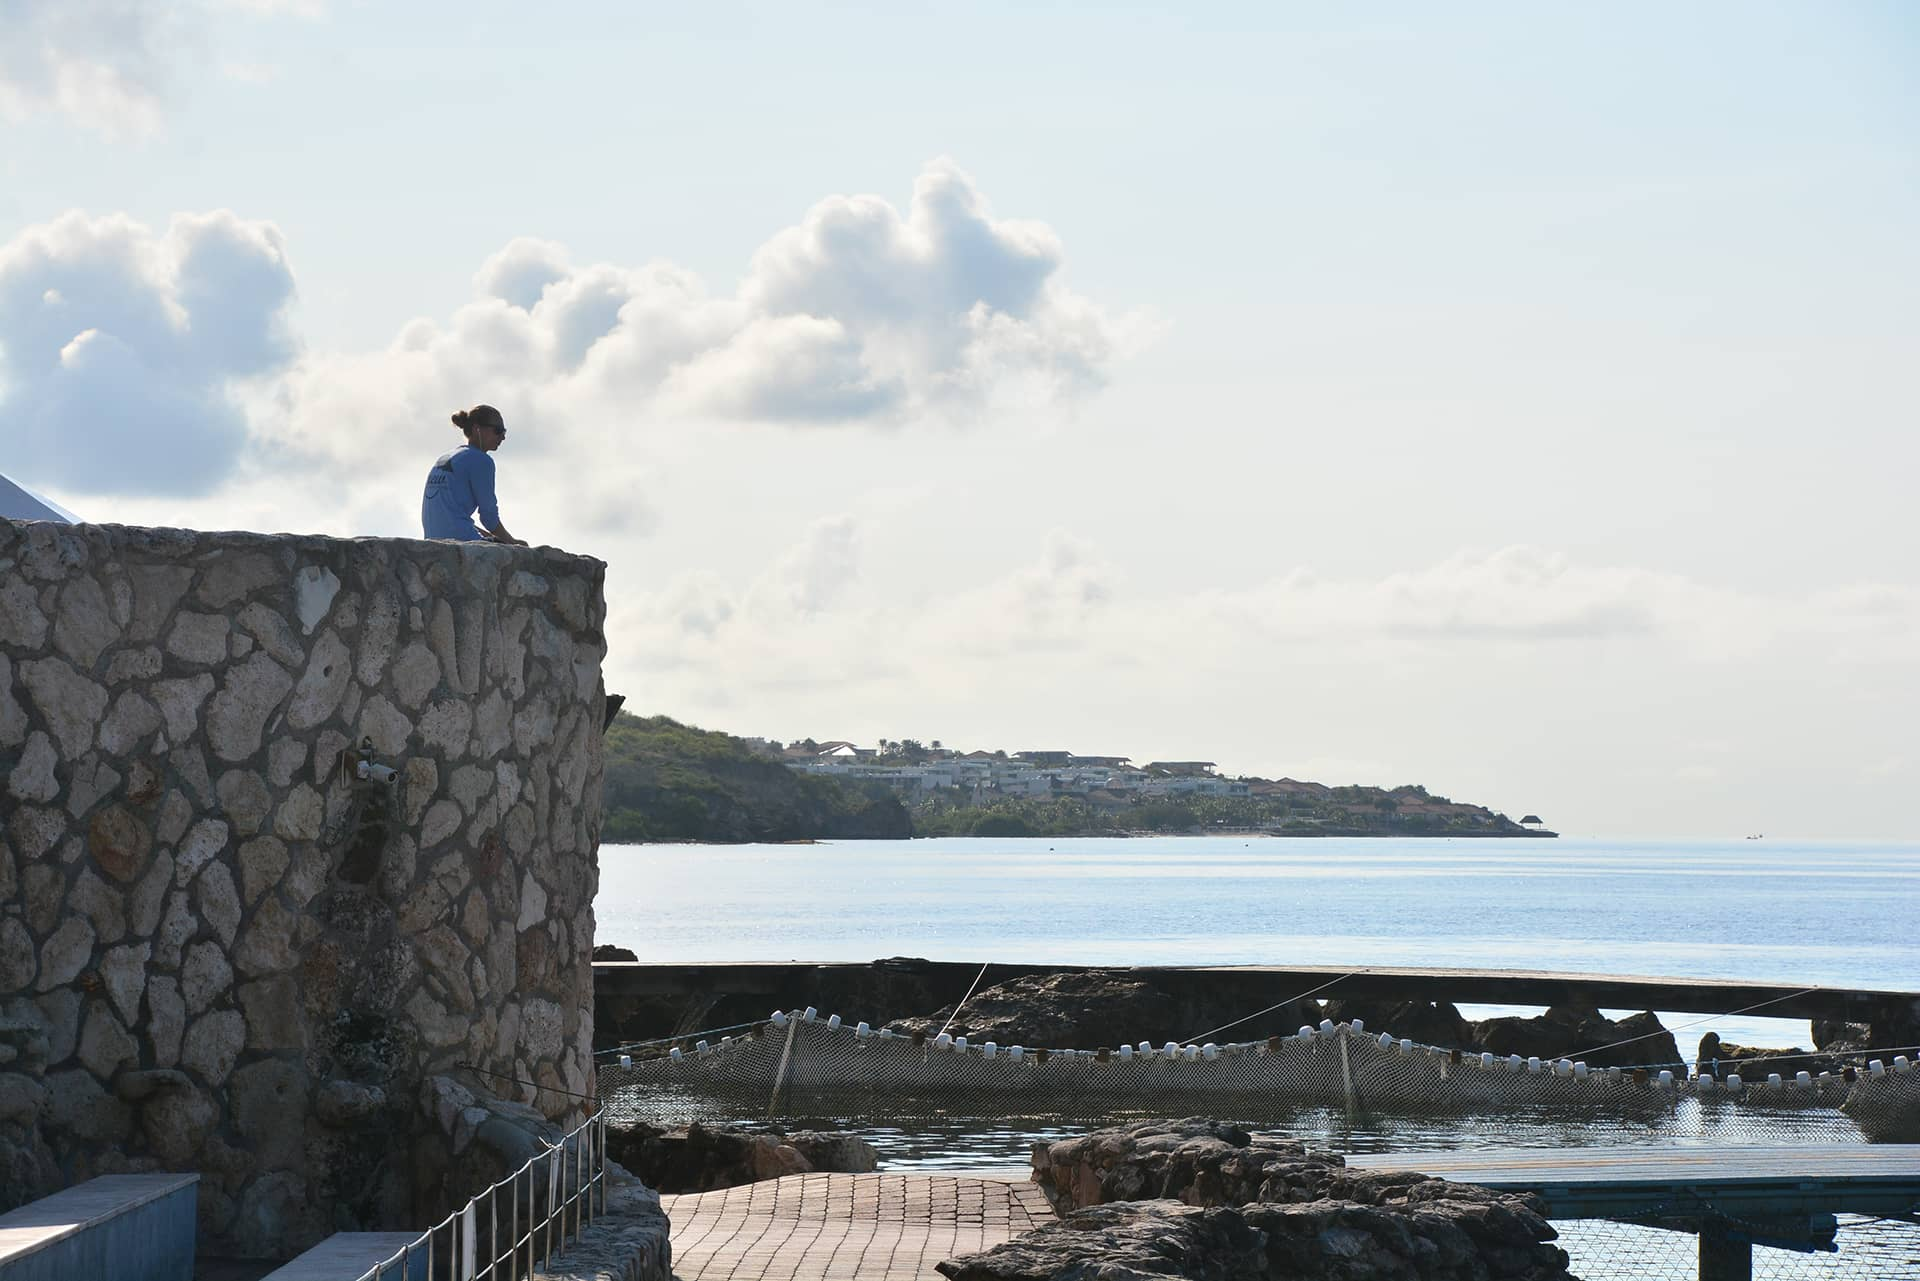 Entrenador sentado y mirando las aguas en la academia de delfines en Curaçao.